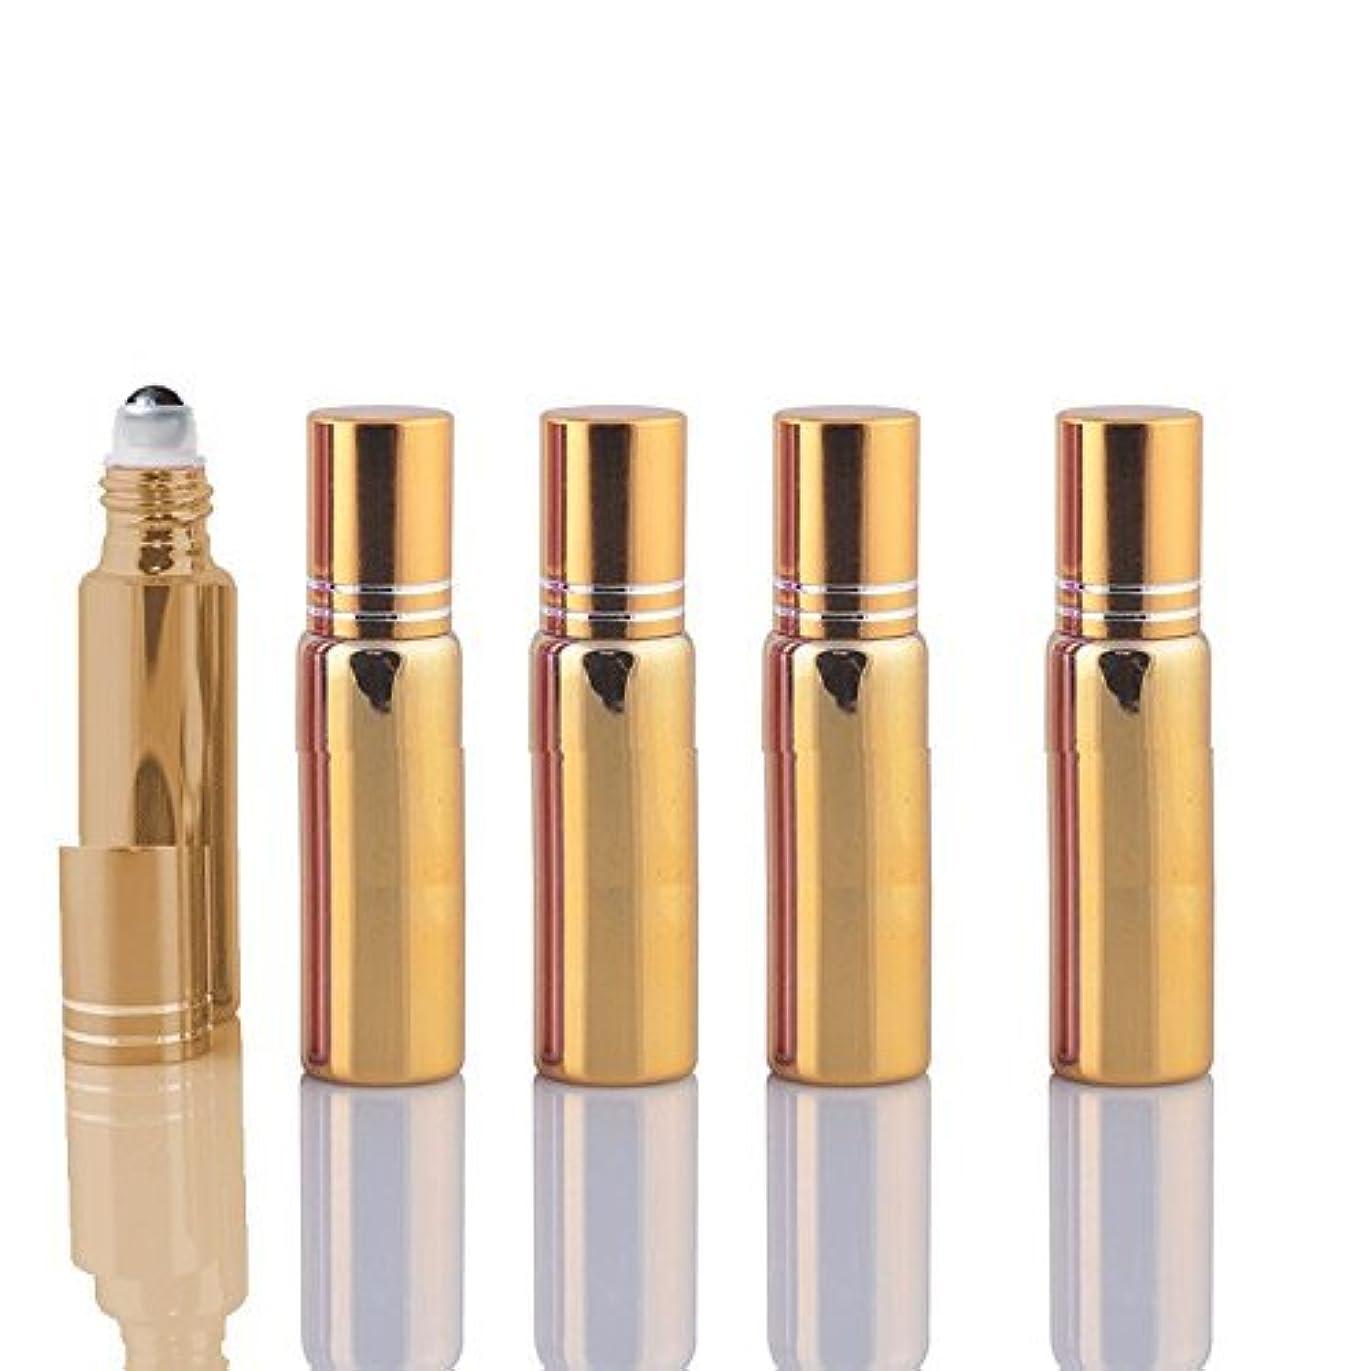 セールスマンマートガイダンス10 Sets Colored 5ml UV Coated Glass Roller Ball Refillable Rollon Bottles Grand Parfums with Stainless Steel Rollers...